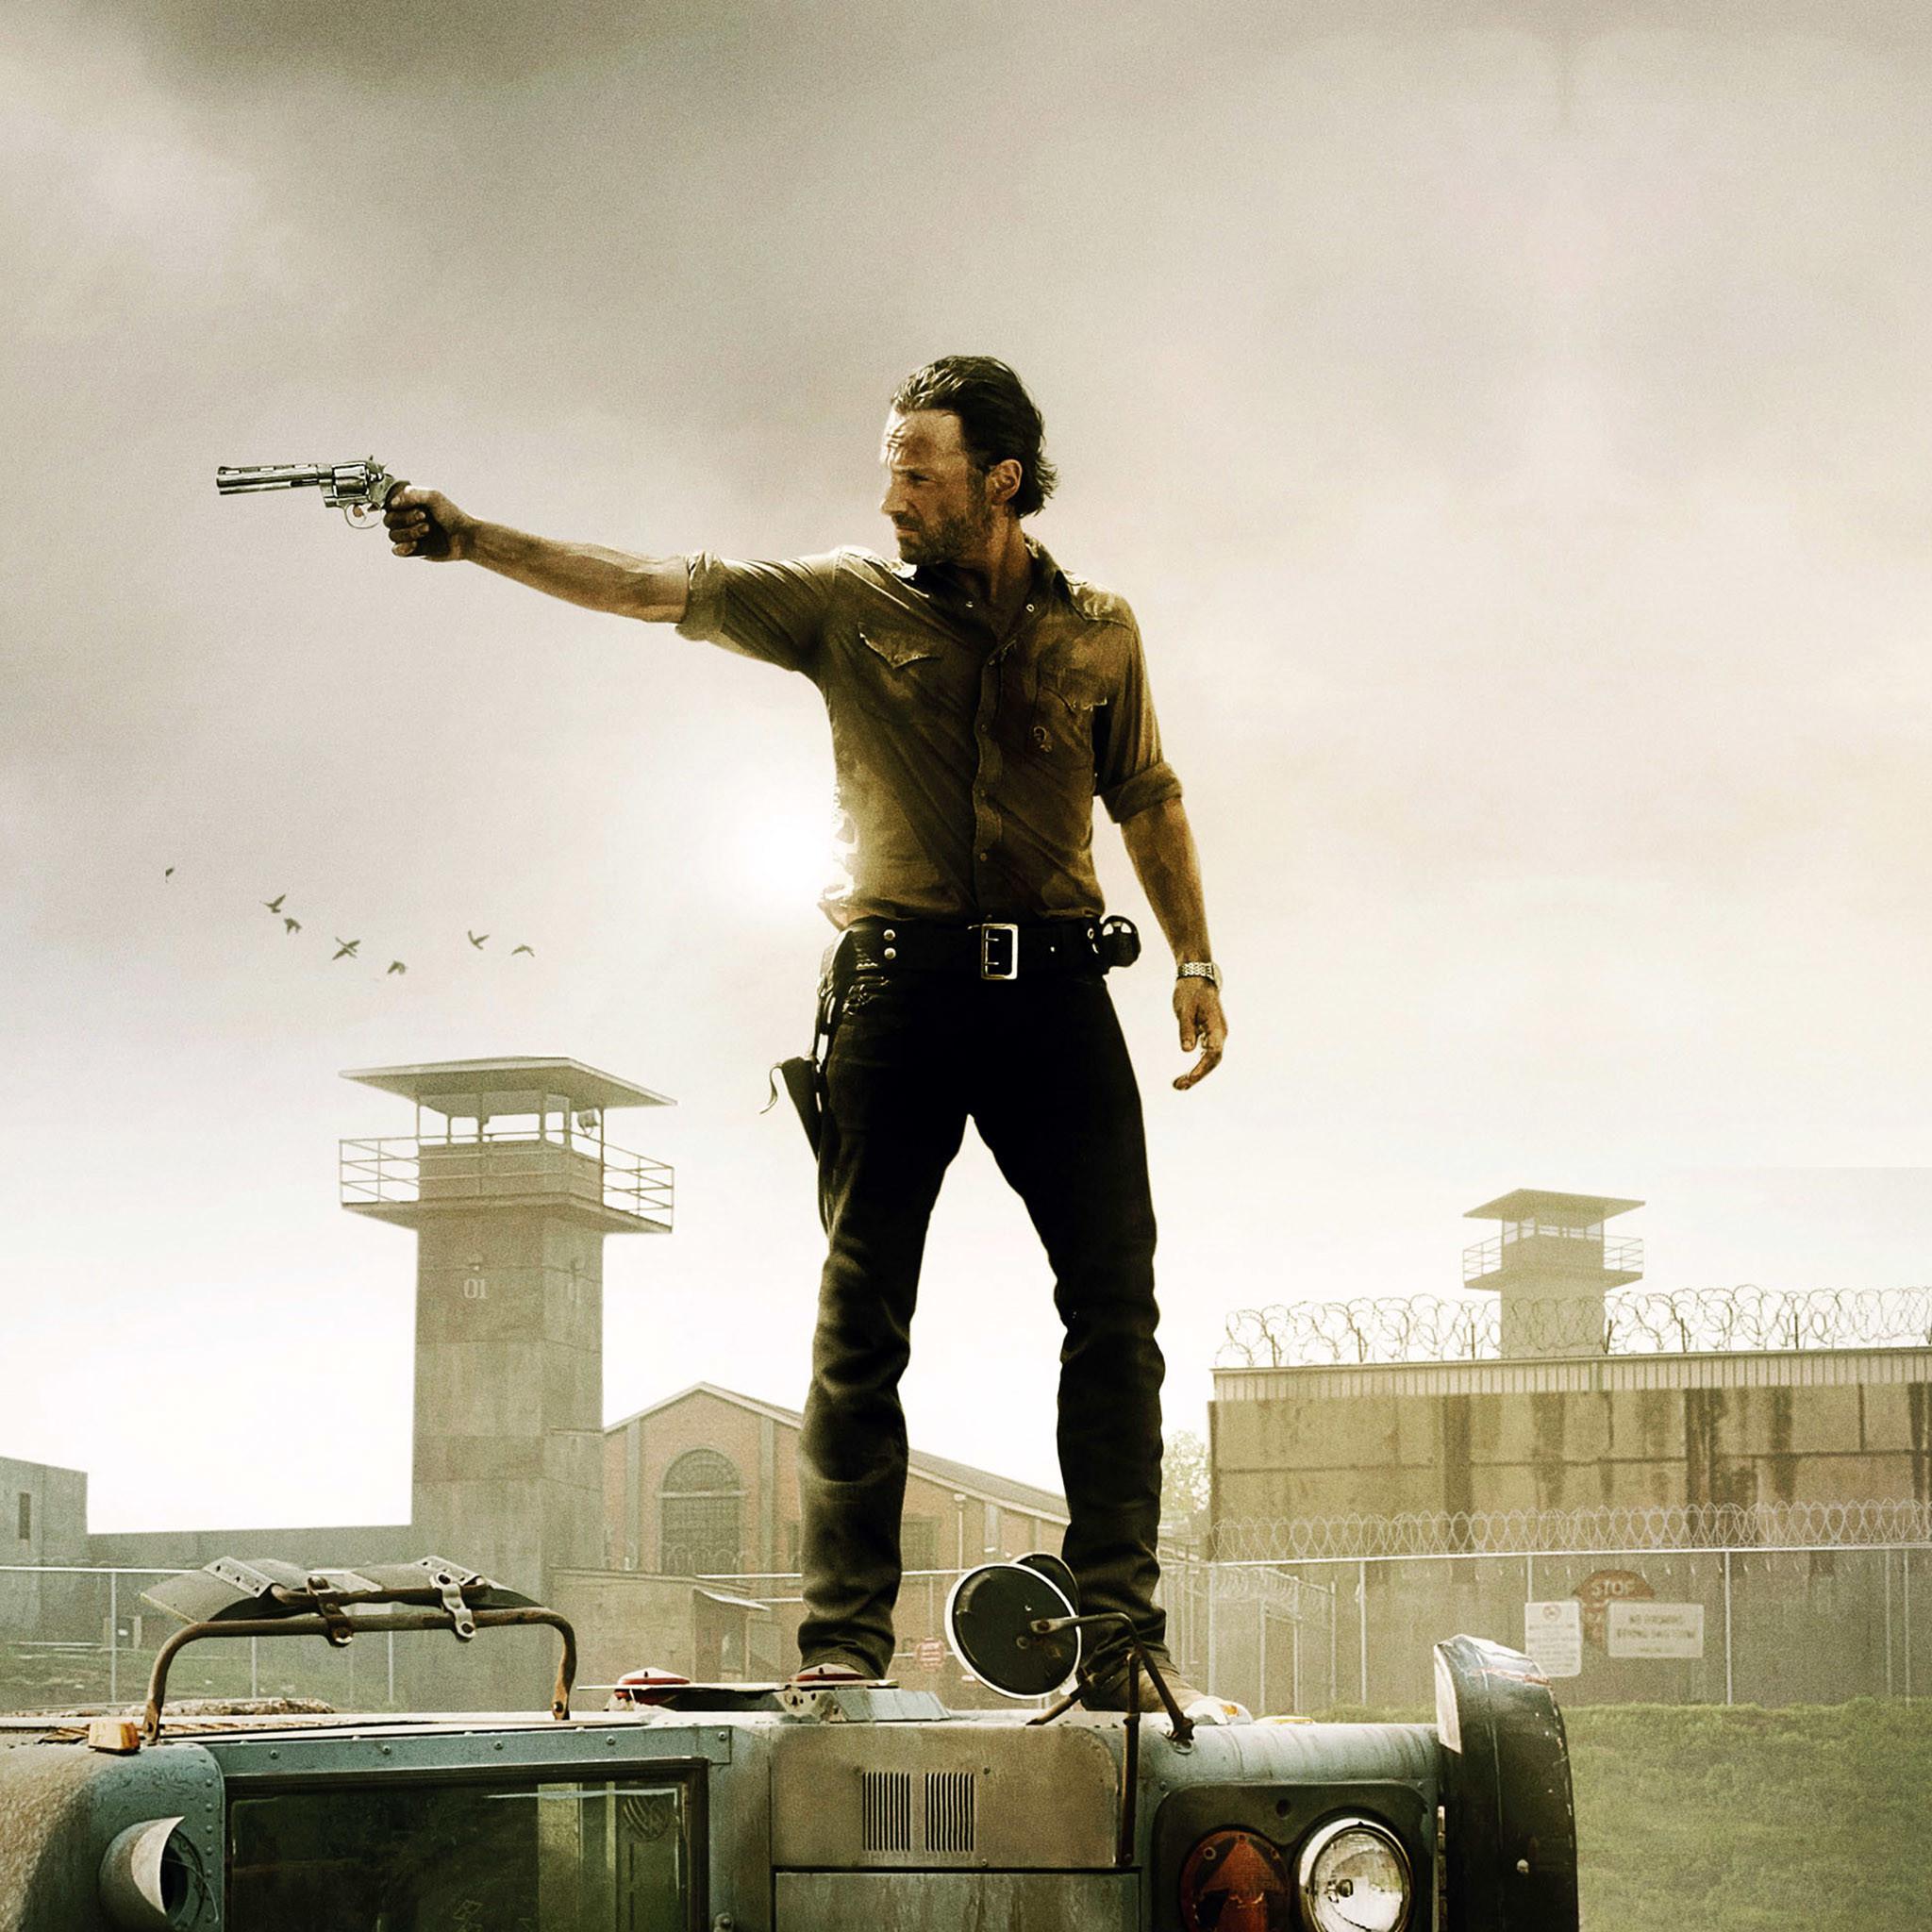 The Walking Dead Rick Grimes Shooting iPad Wallpaper HD.jpg 2,048×2,048  pixels